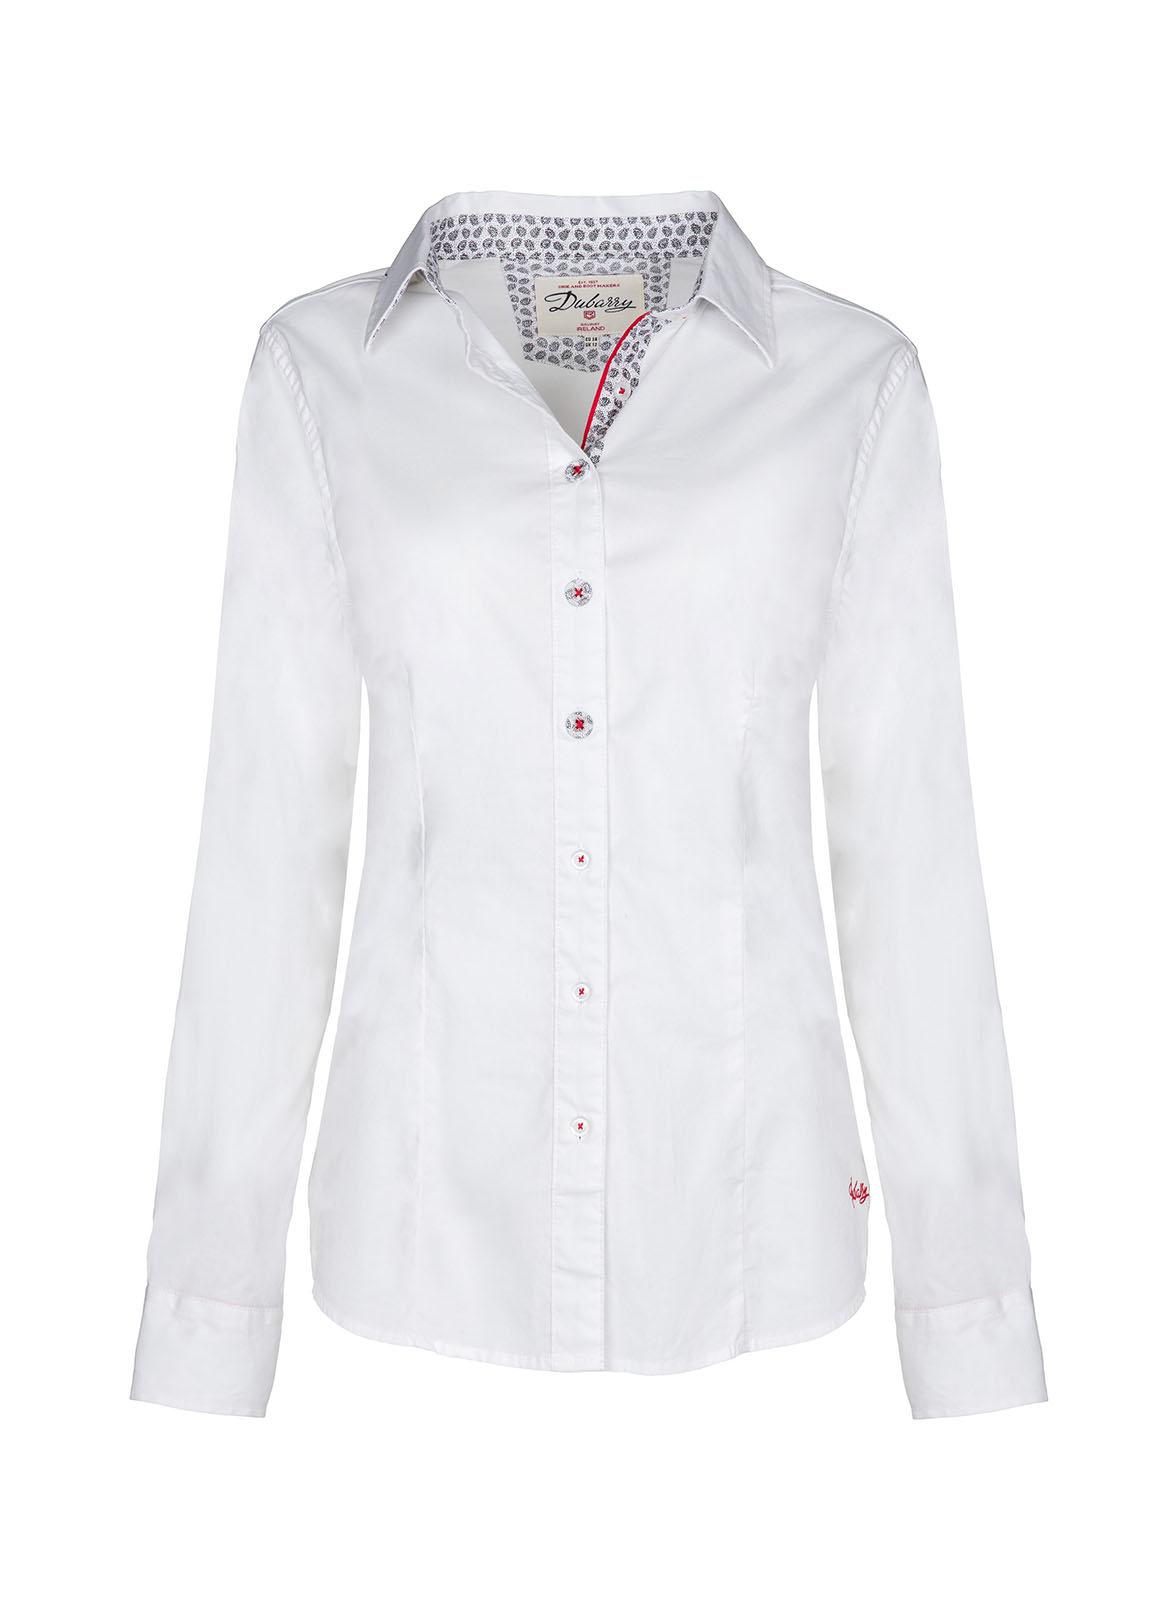 Clematis shirt - White